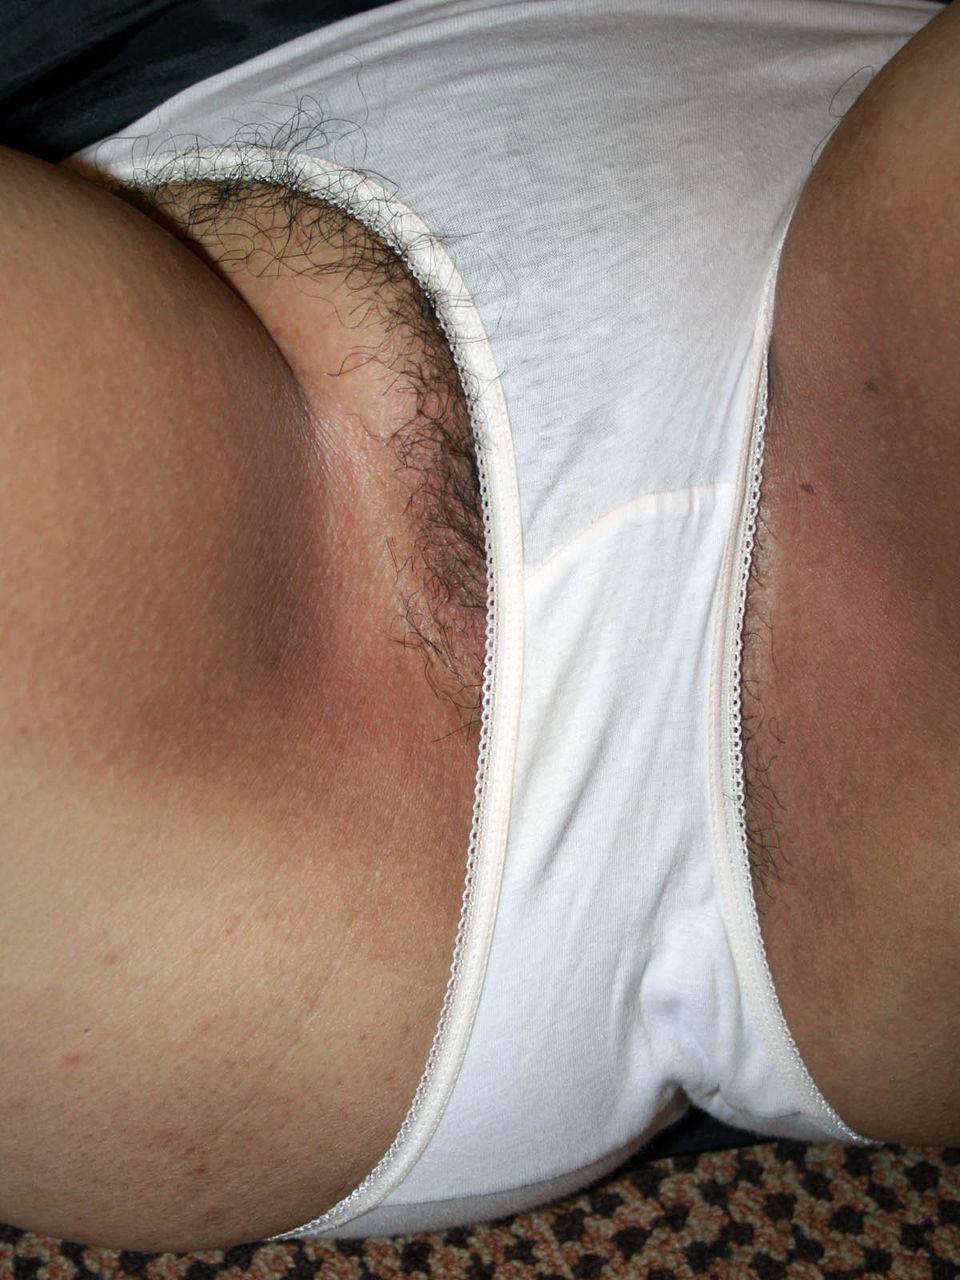 パンツ越しの股間が好き [転載禁止]©bbspink.comYouTube動画>1本 ->画像>1529枚